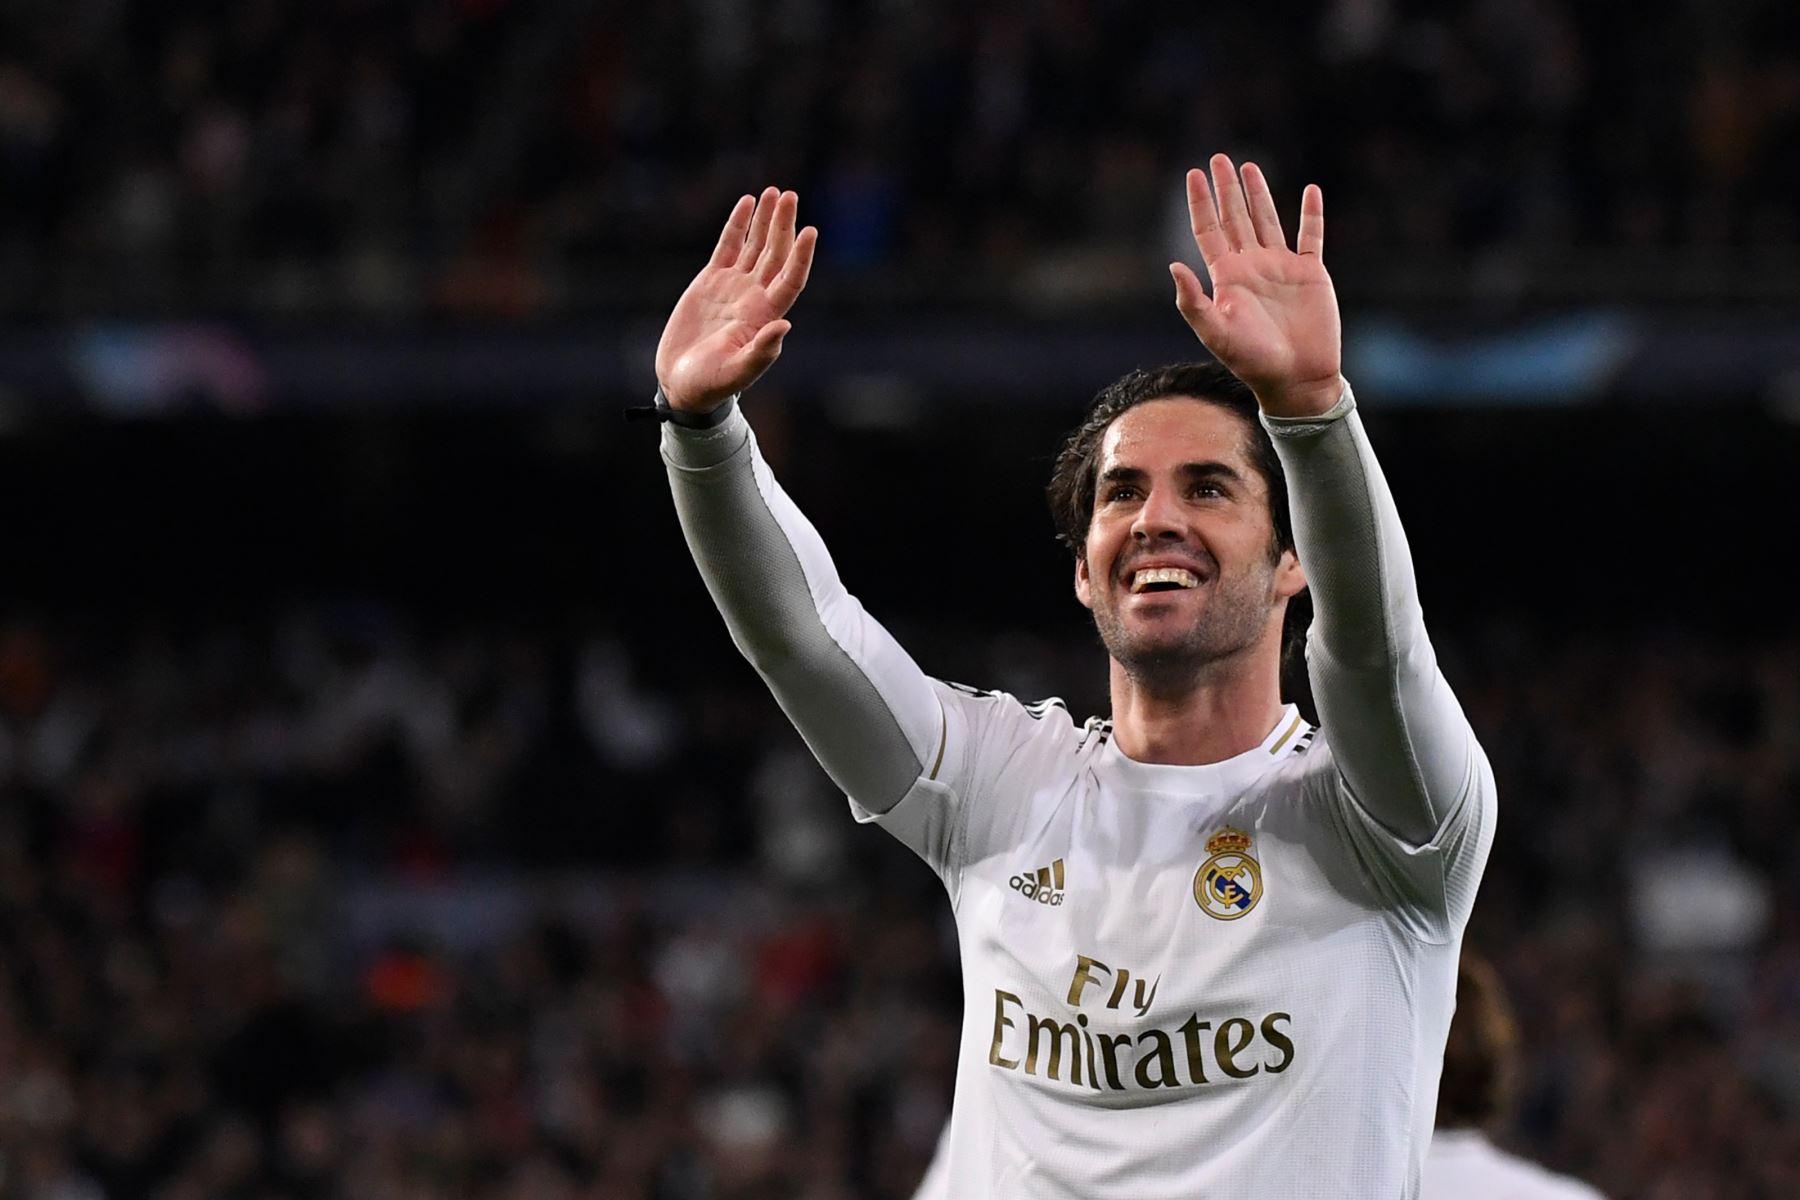 El centrocampista español del Real Madrid Isco celebra su gol durante la ronda de 16 de la UEFA Champions League en el partido de fútbol de ida entre el Real Madrid CF y el Manchester City. Foto: AFP